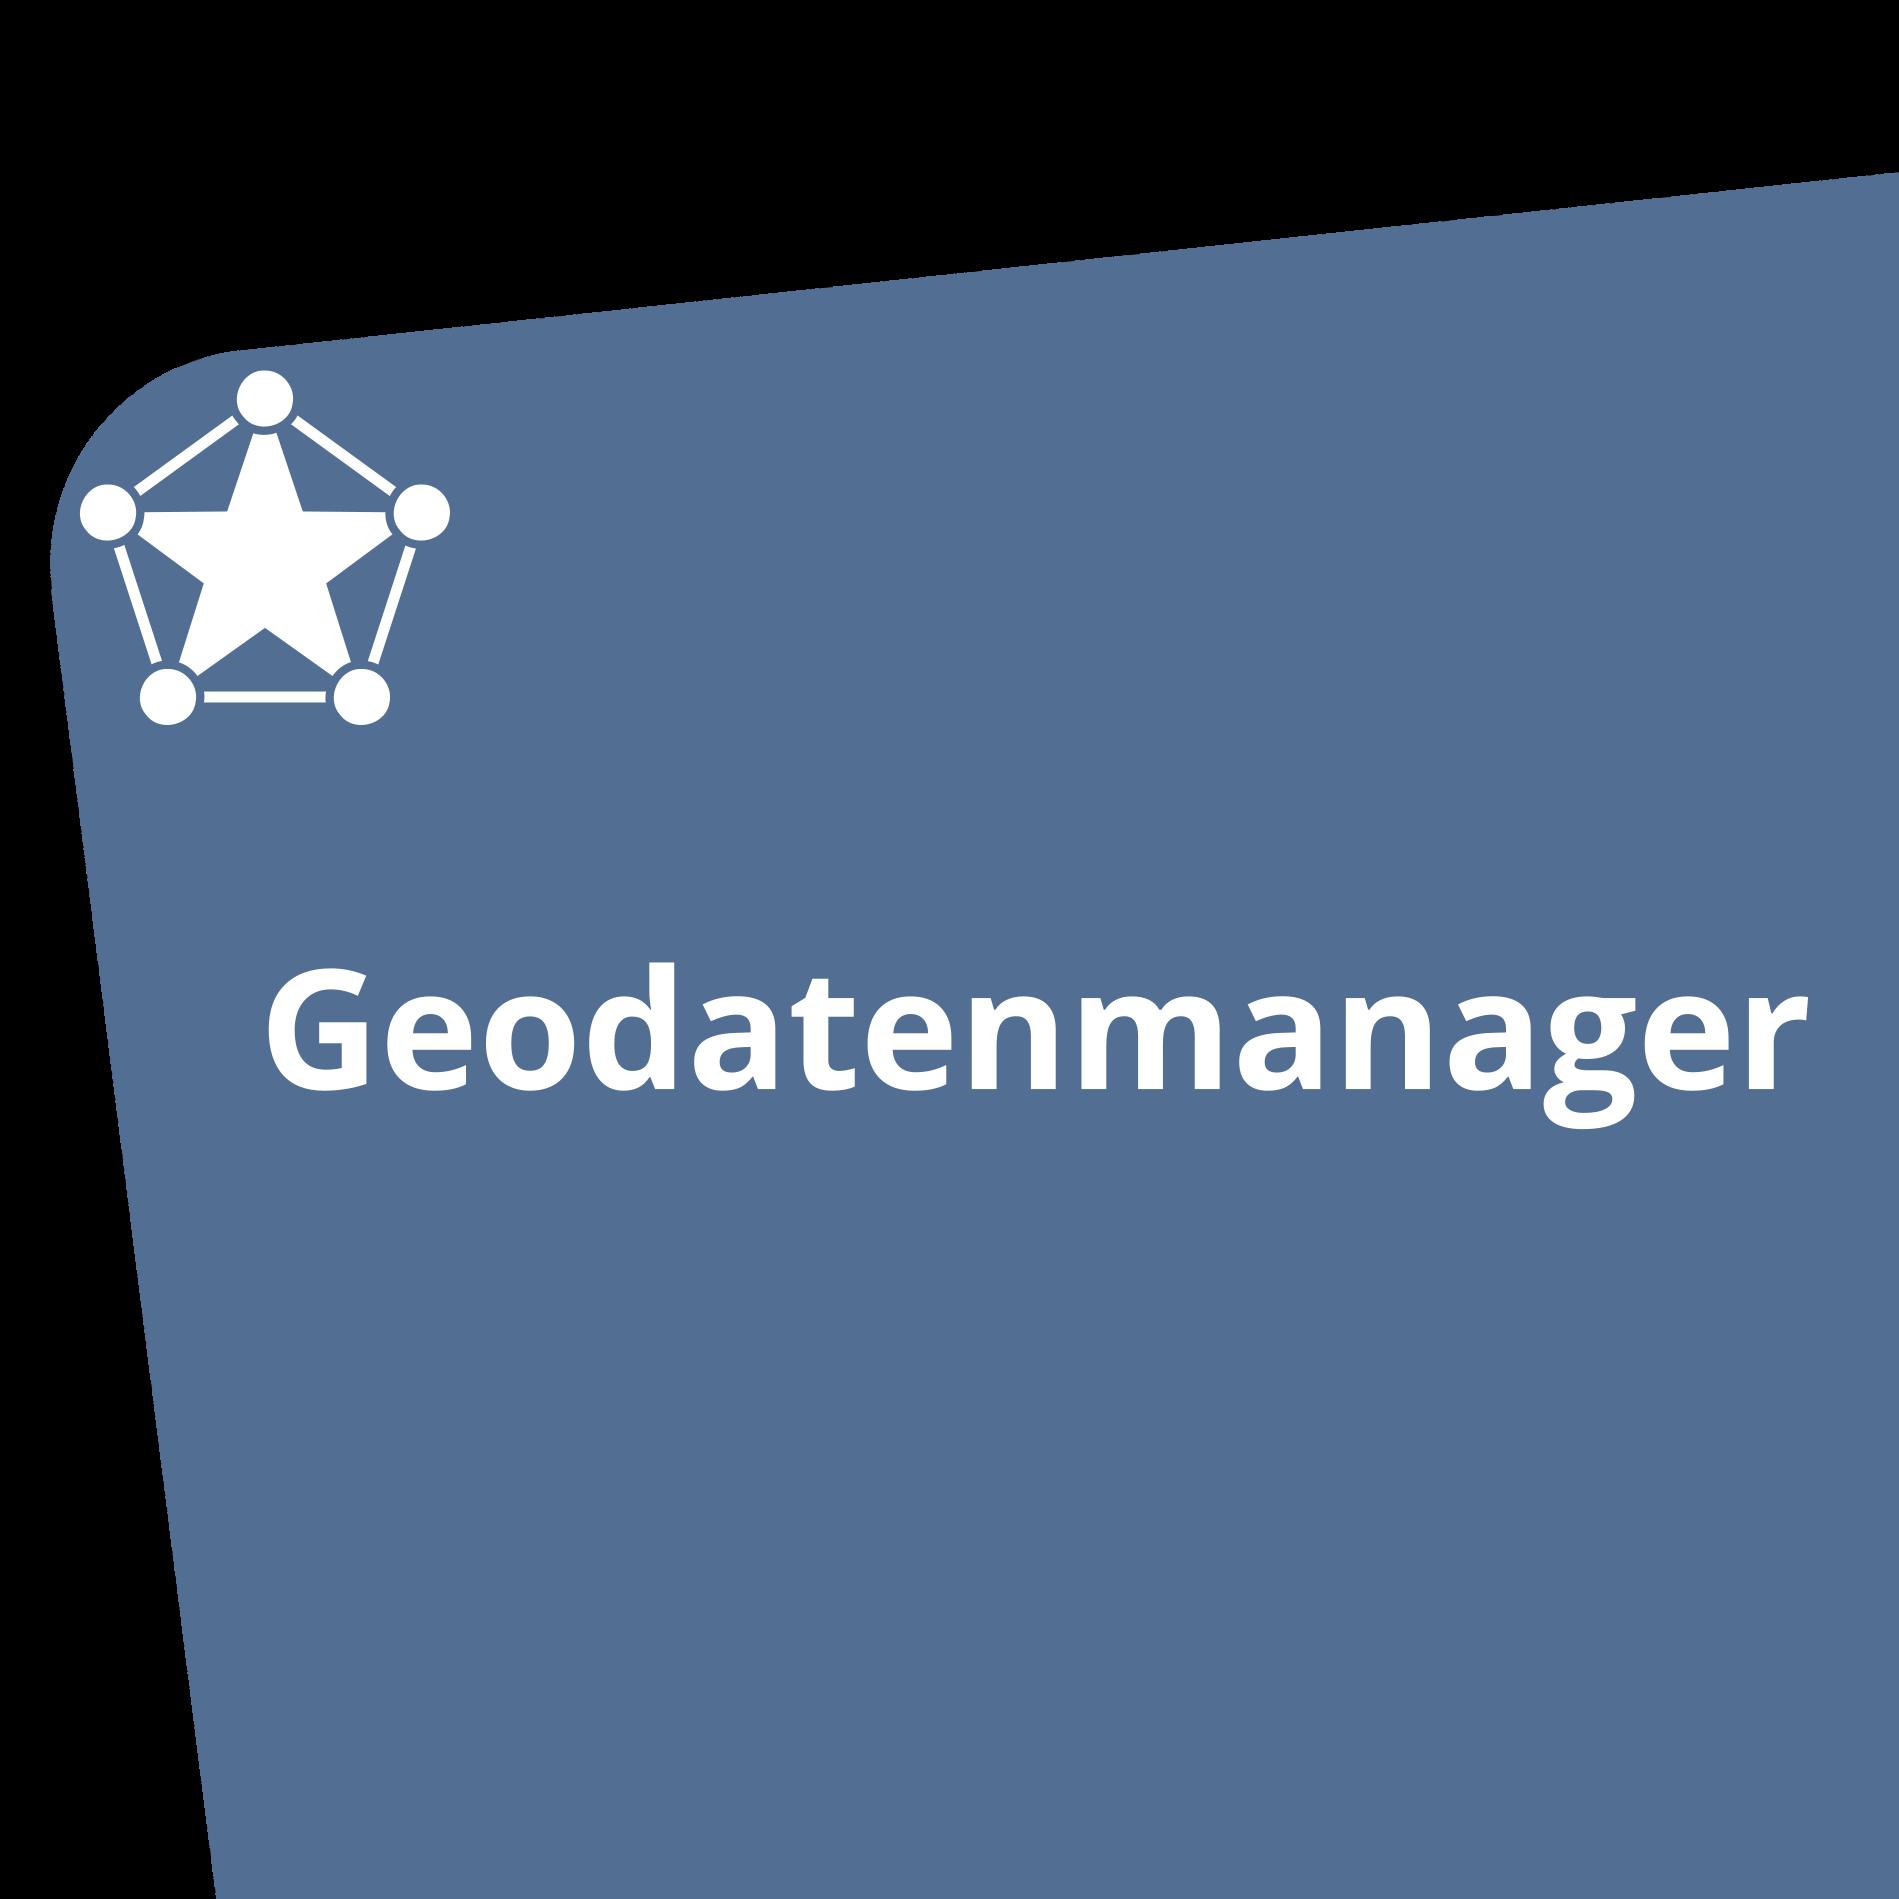 Geodatenmanager2